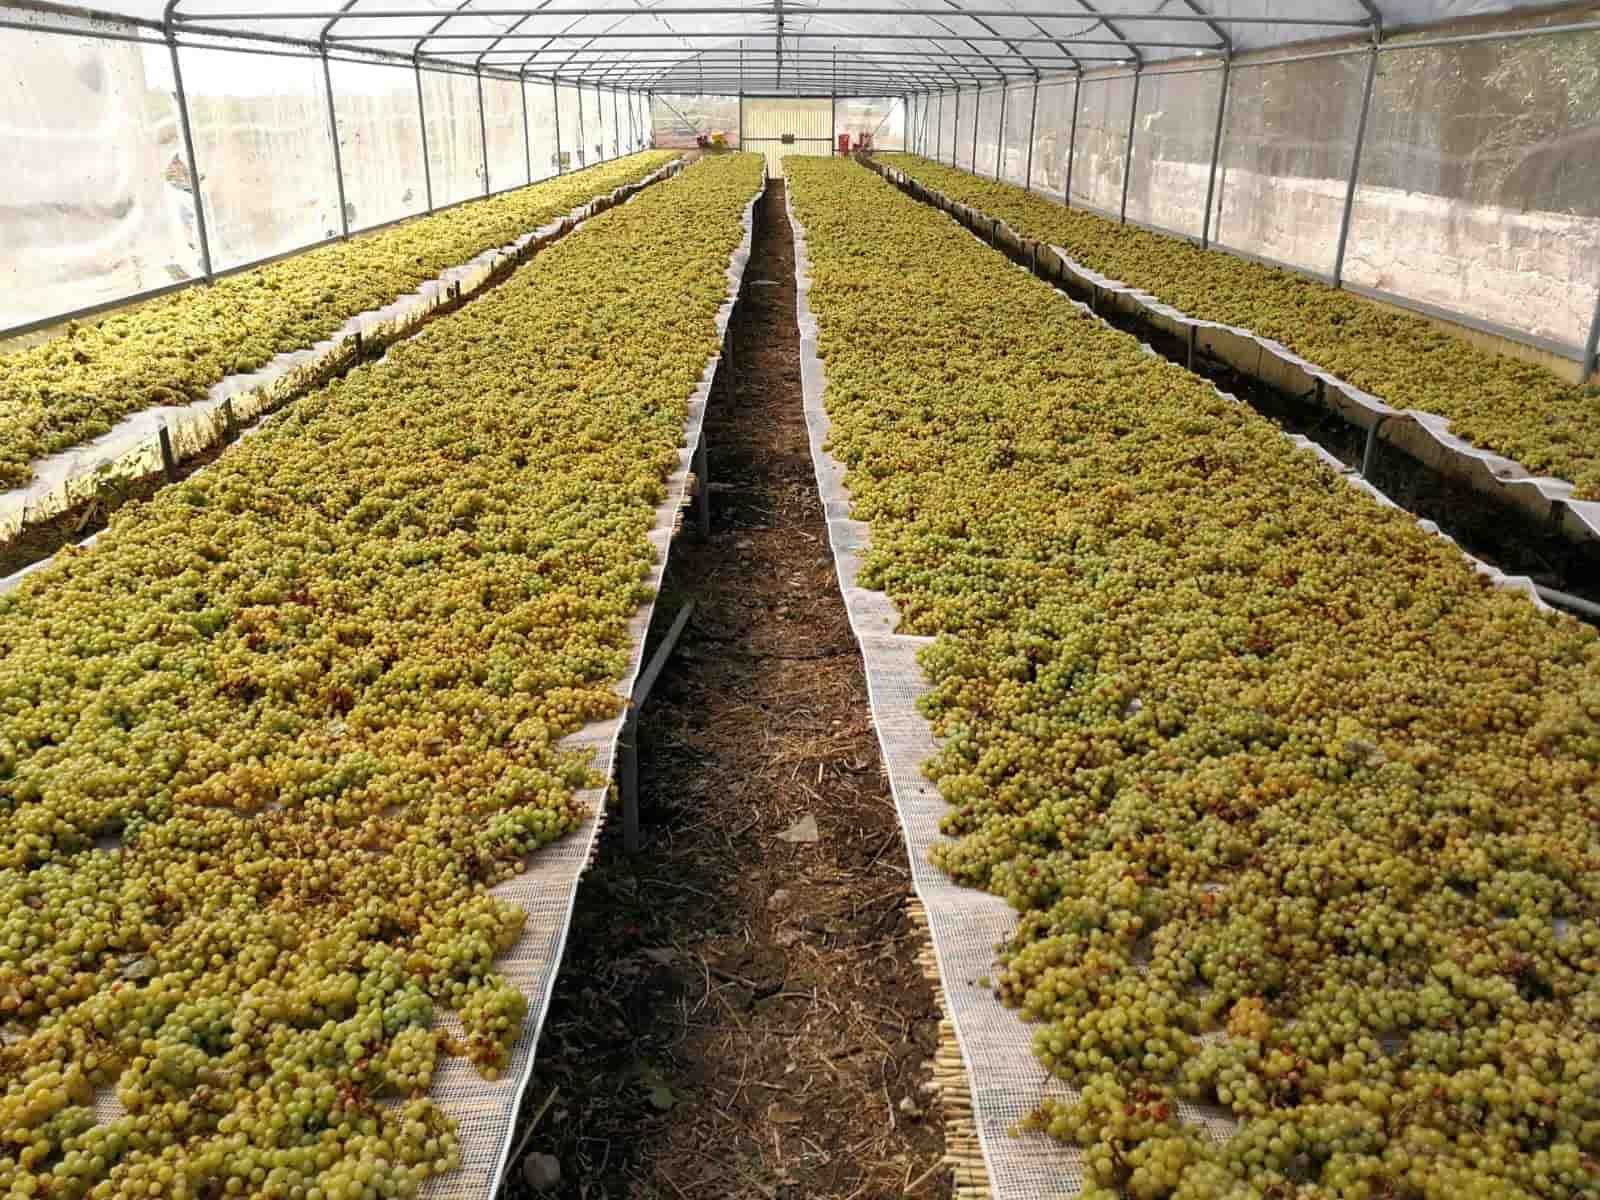 vini di sicilia appassimento uve moscato su graticci di canne